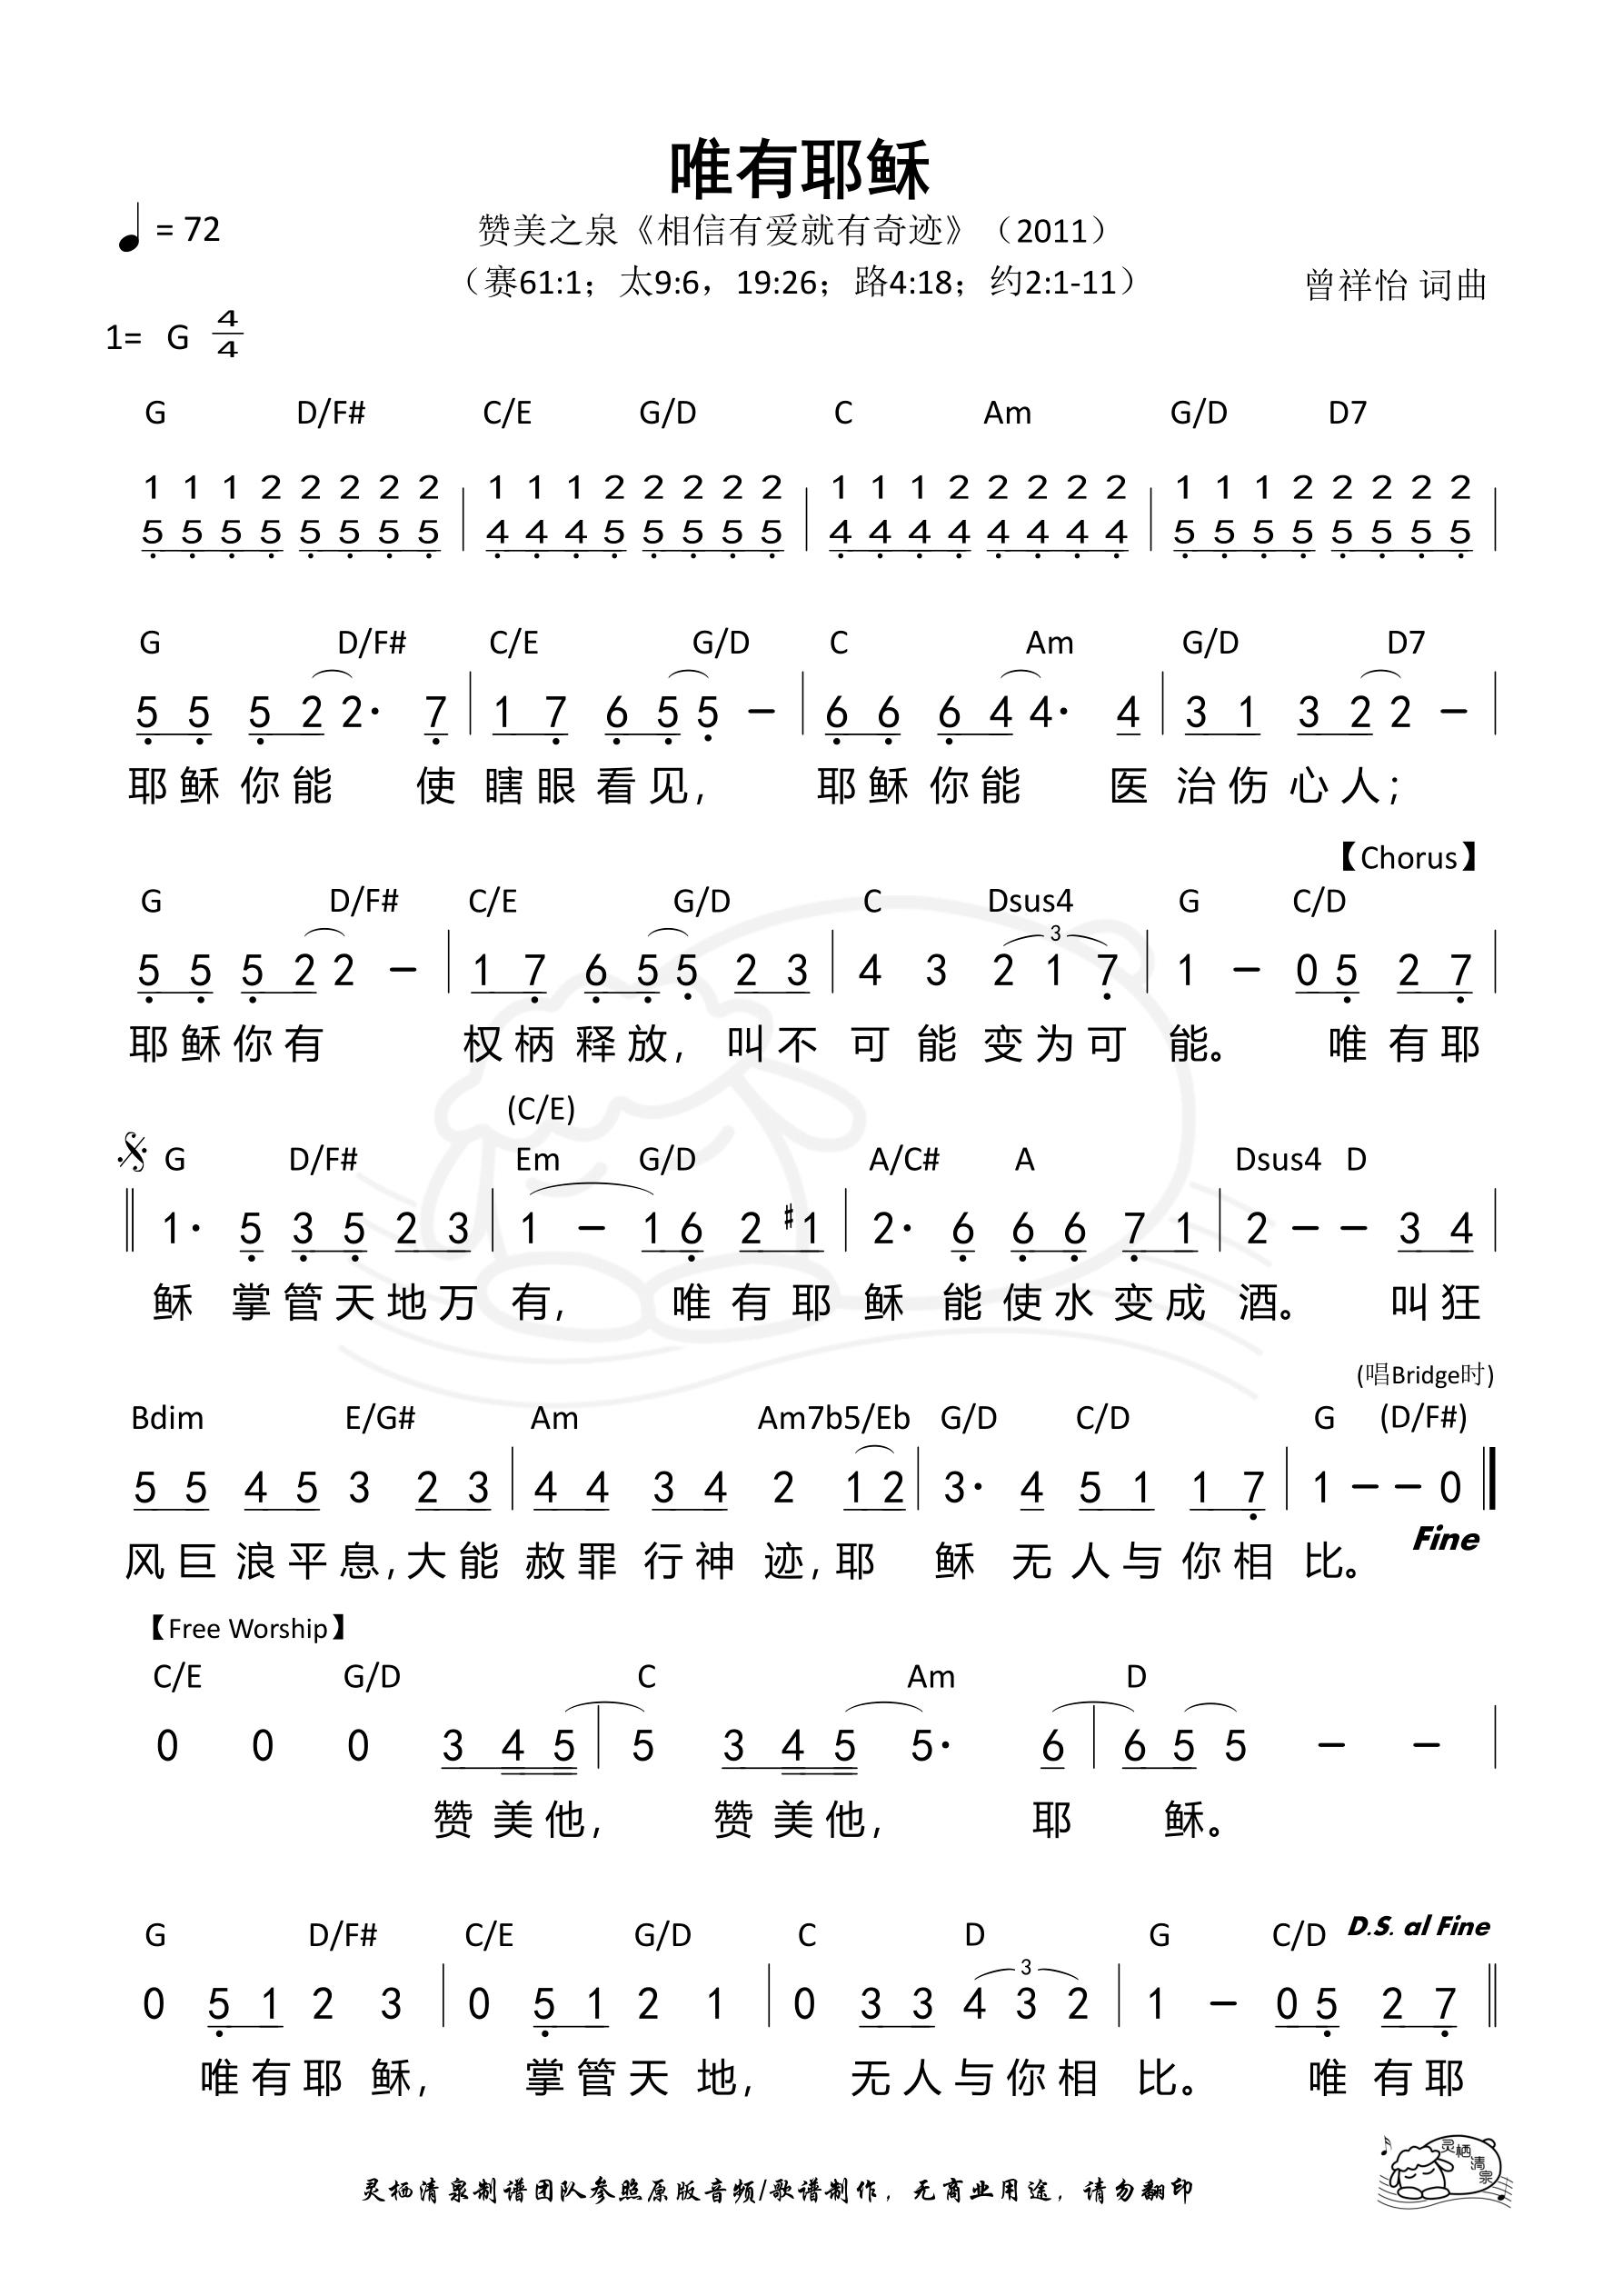 《第268首 - 唯有耶稣(赞美之泉) 和弦简谱》